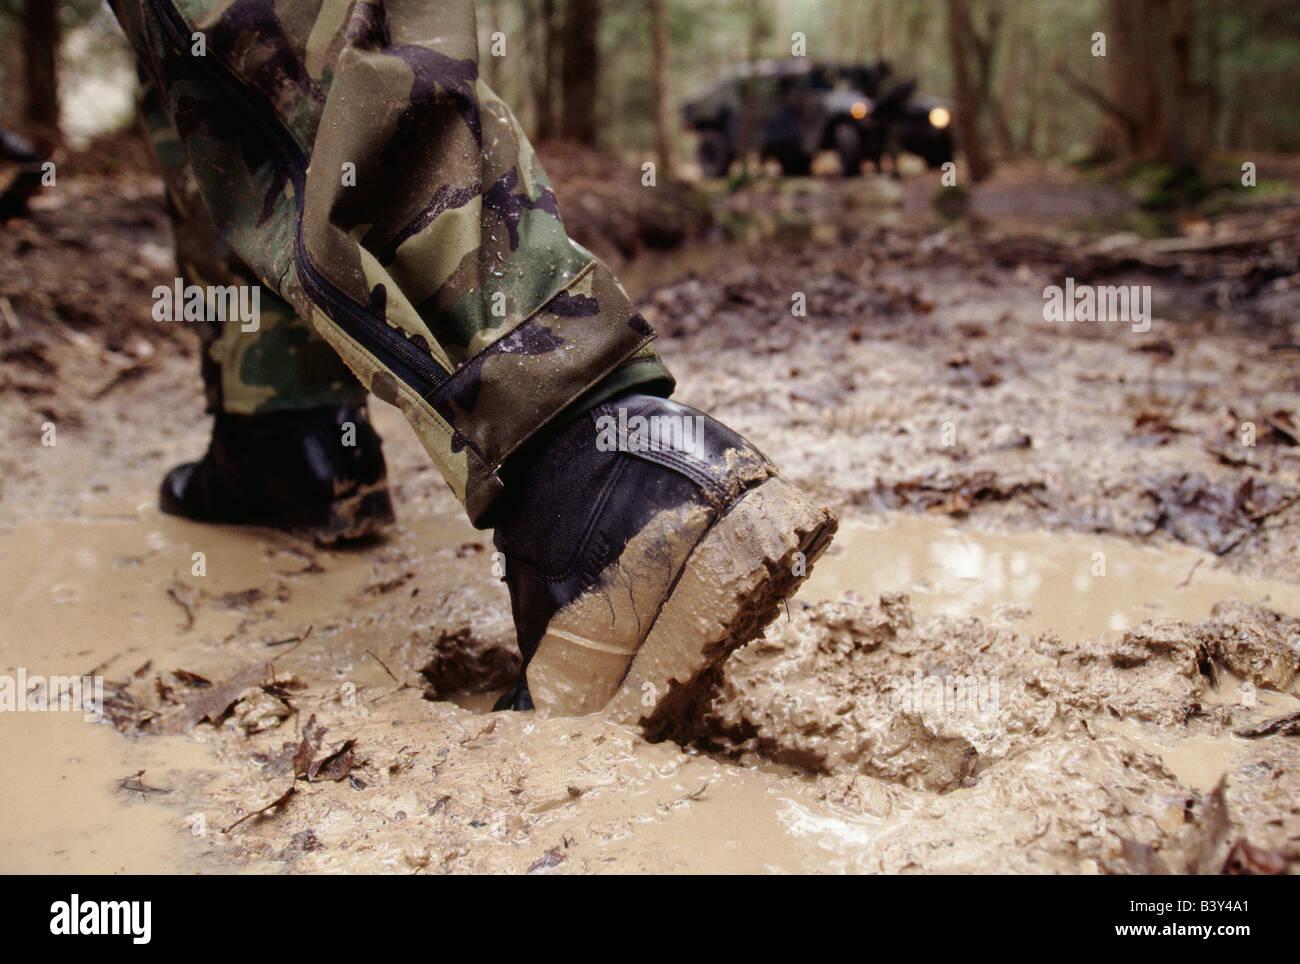 Cerca Soldado El Estados De Un Barro Bota Ejército En La Del wnNPy0m8vO